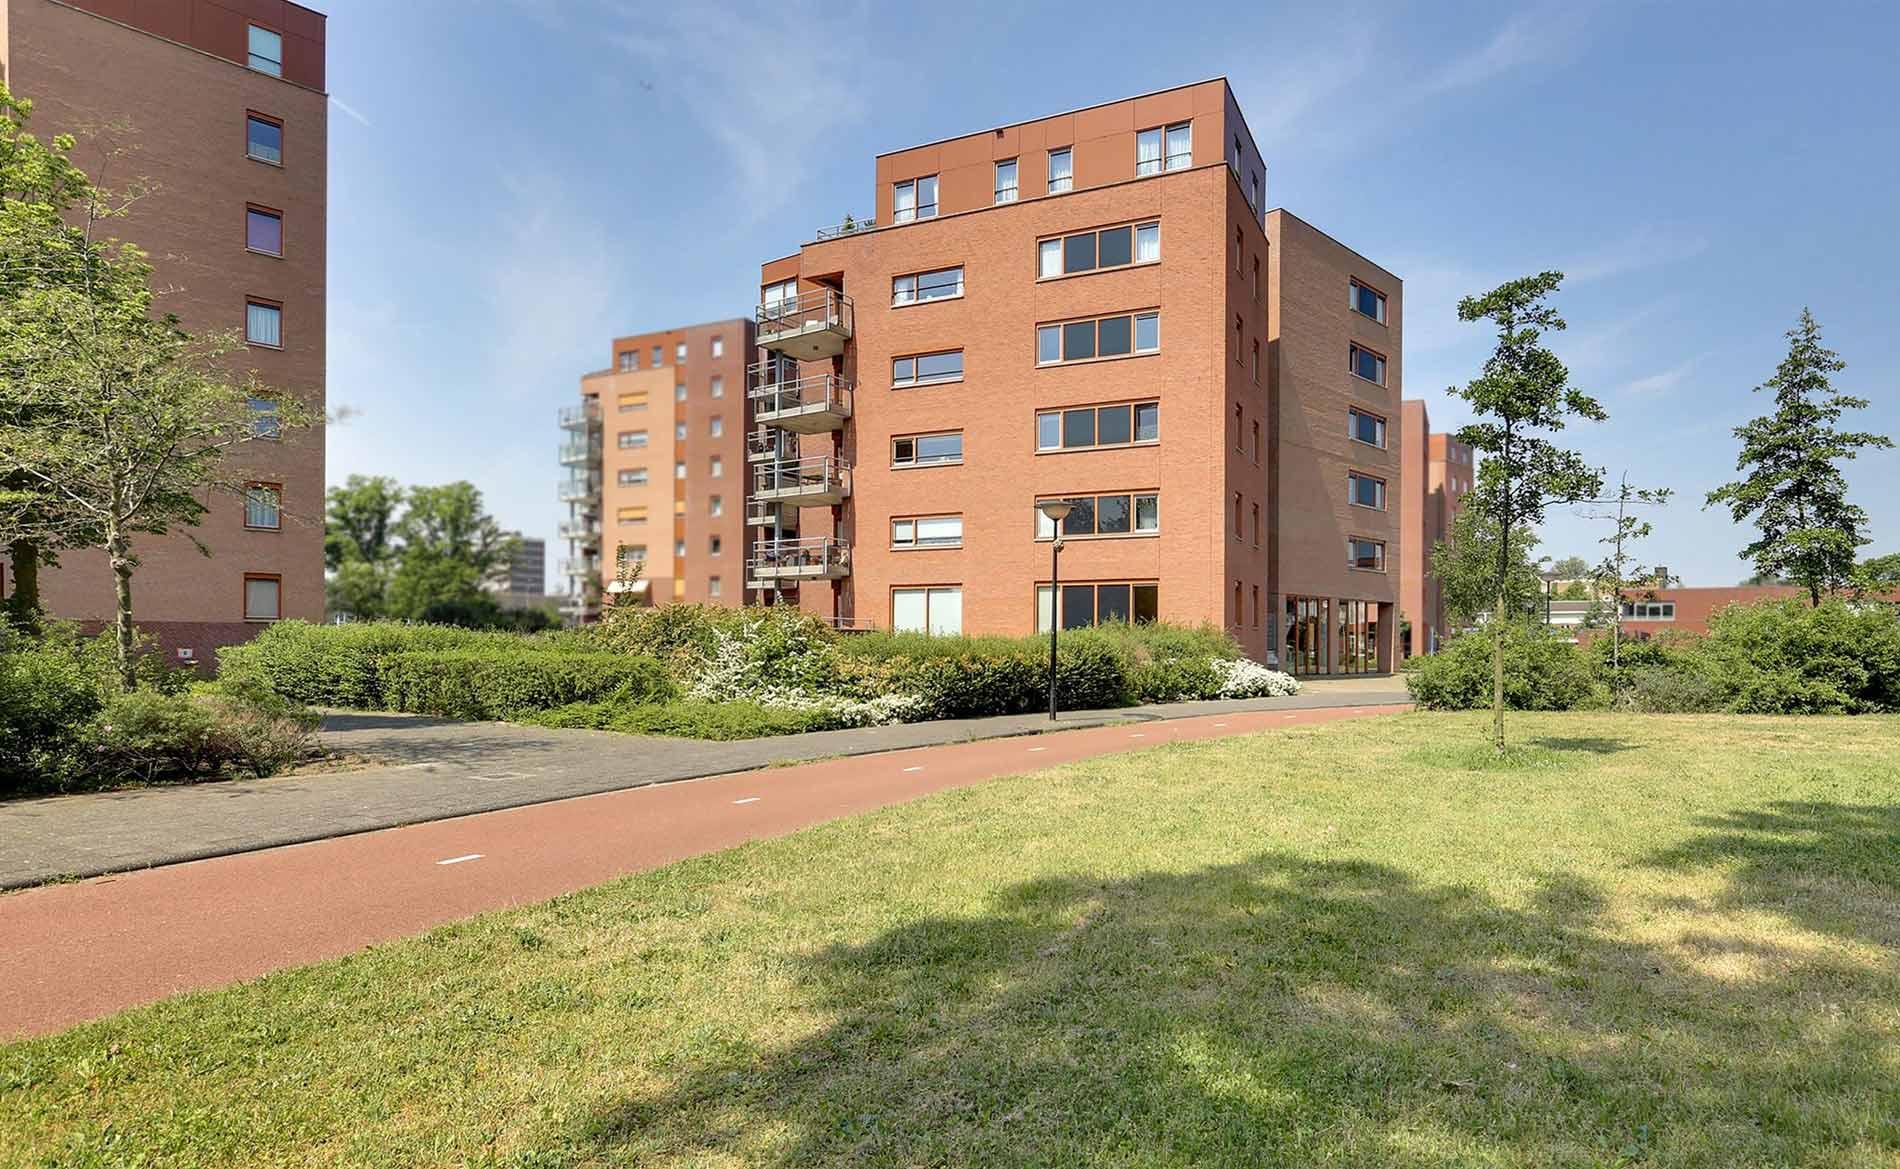 Meerestein Beverwijk Fase 5 stadsvernieuwing appartementen park BBHD architecten